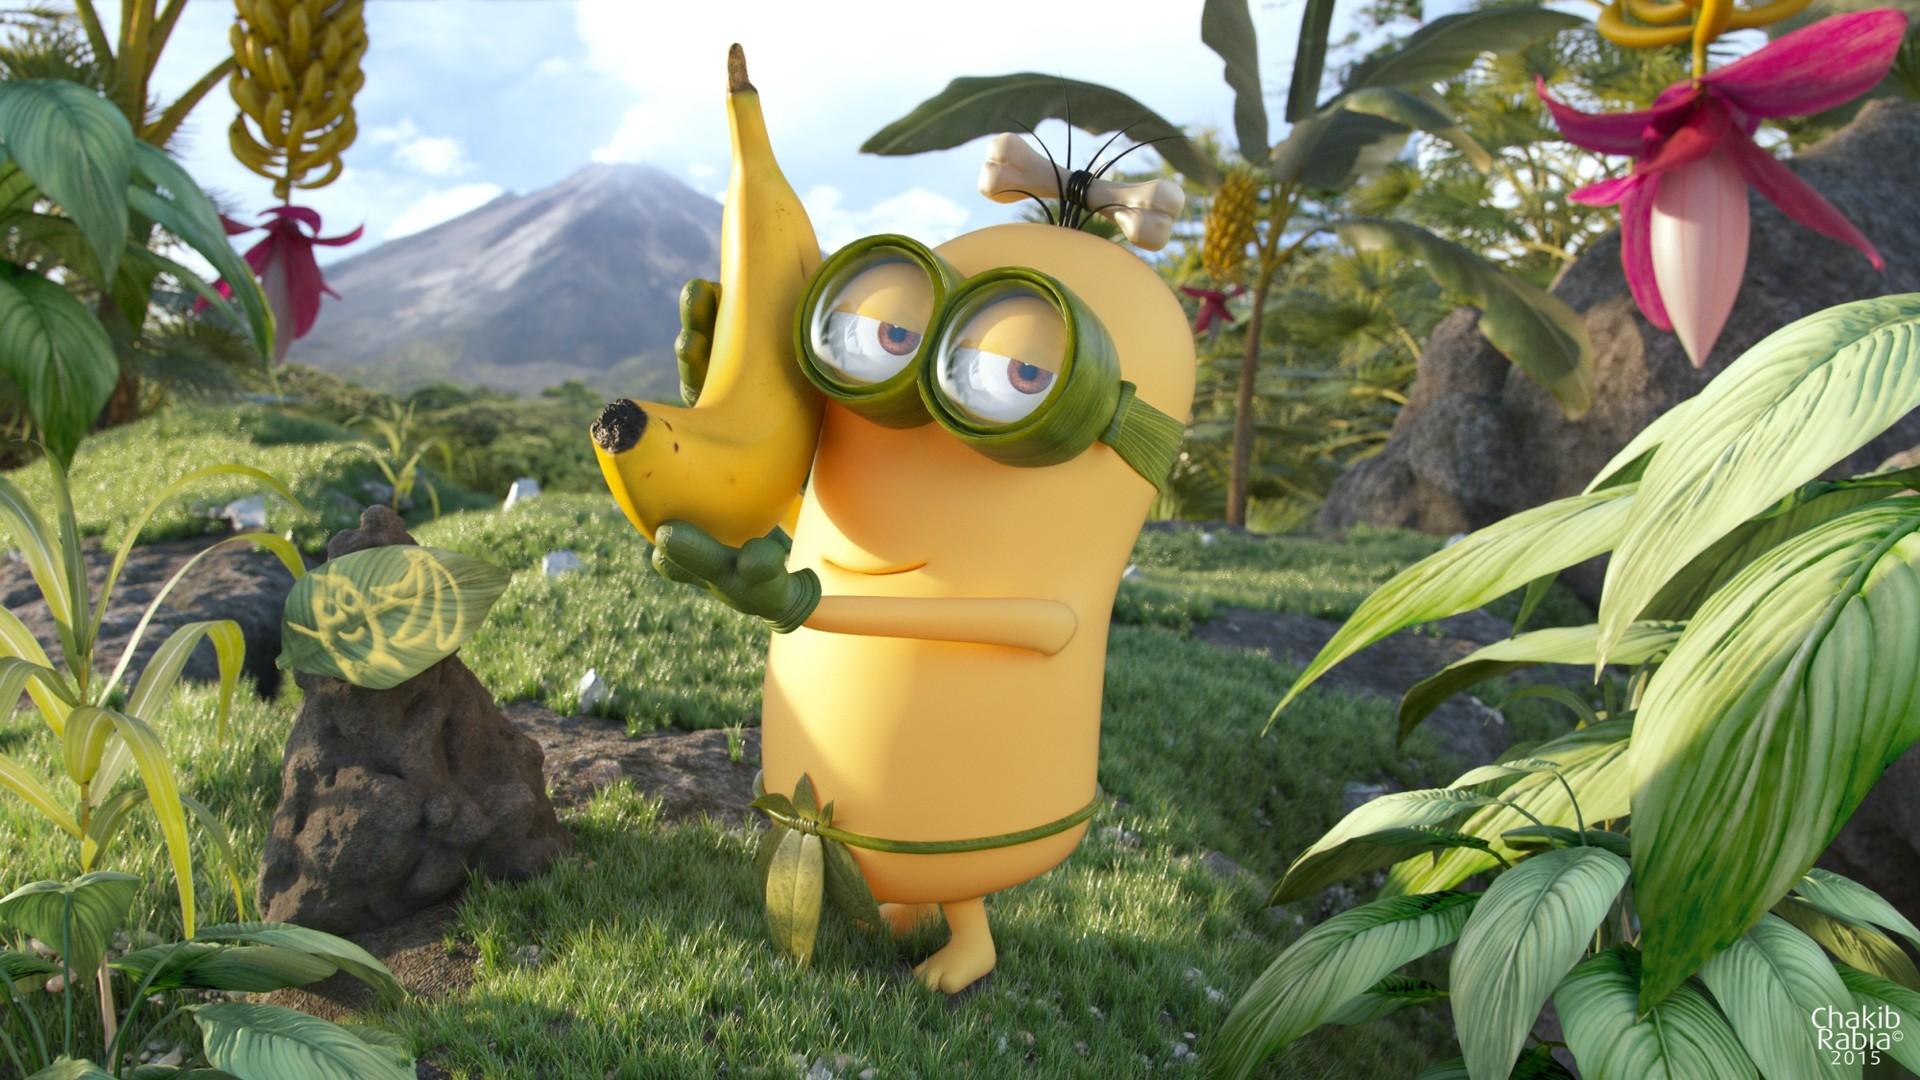 Hasil gambar untuk minions banana 2010